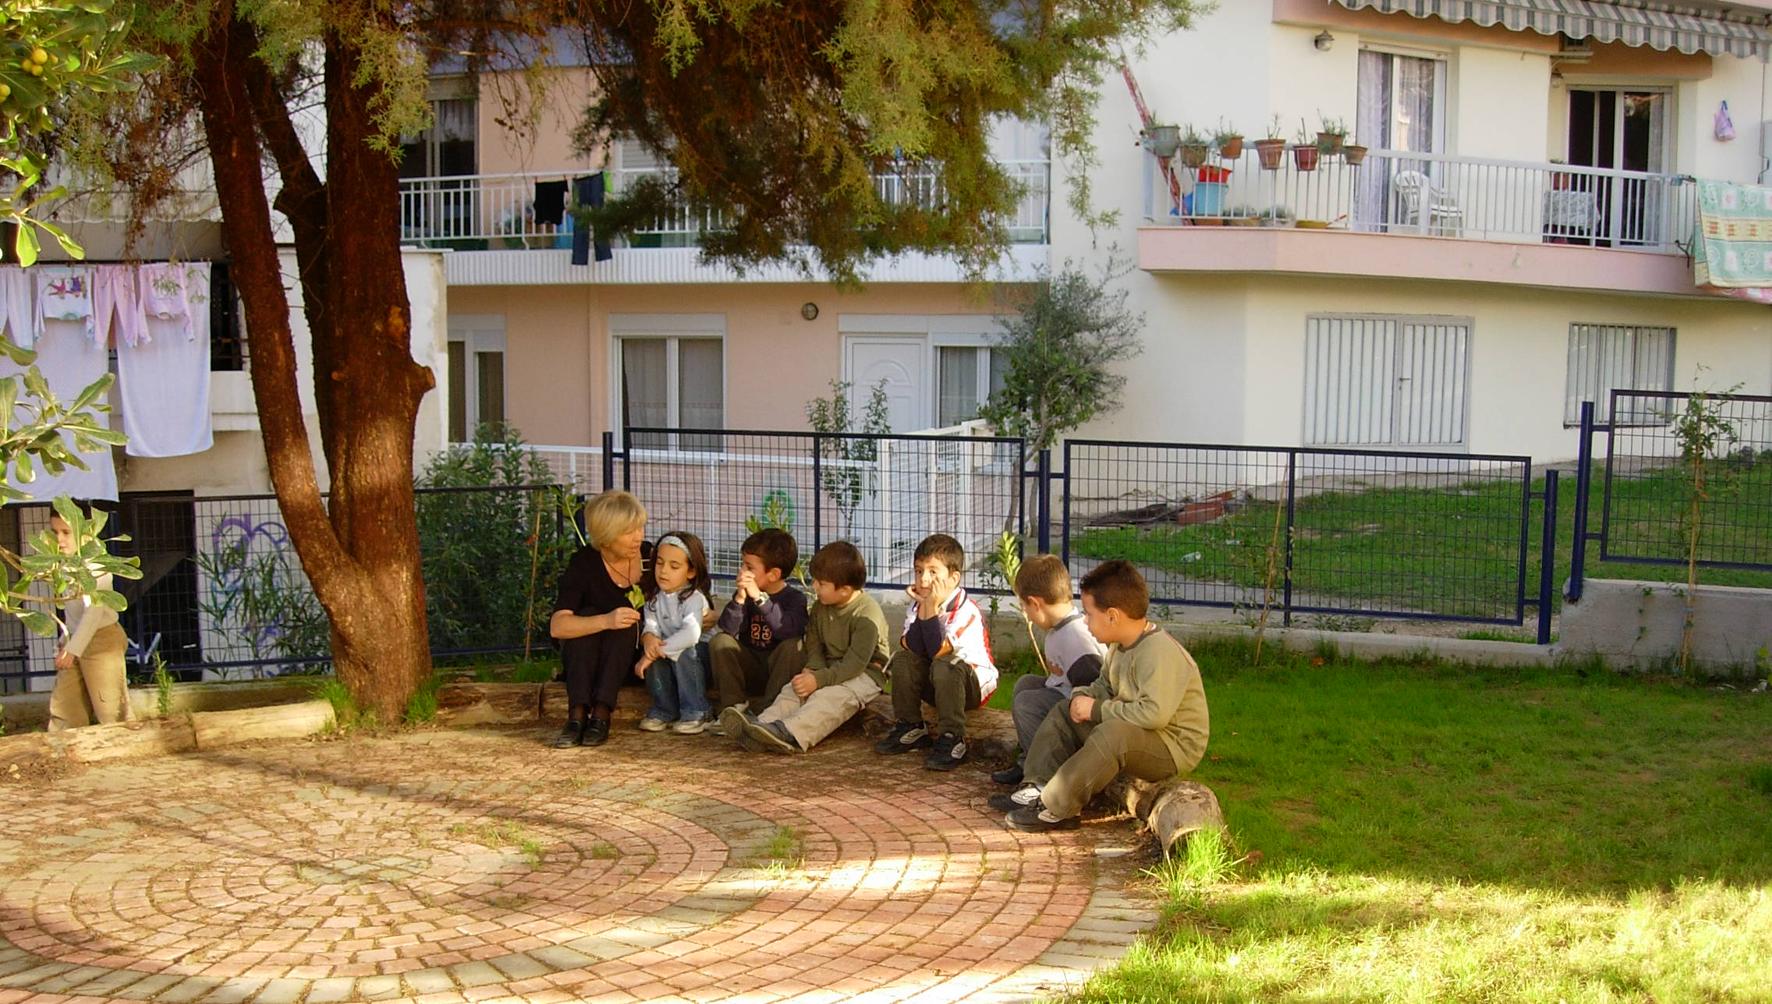 Η υπαίθρια τάξη μετά τον ανασχεδιασμό.